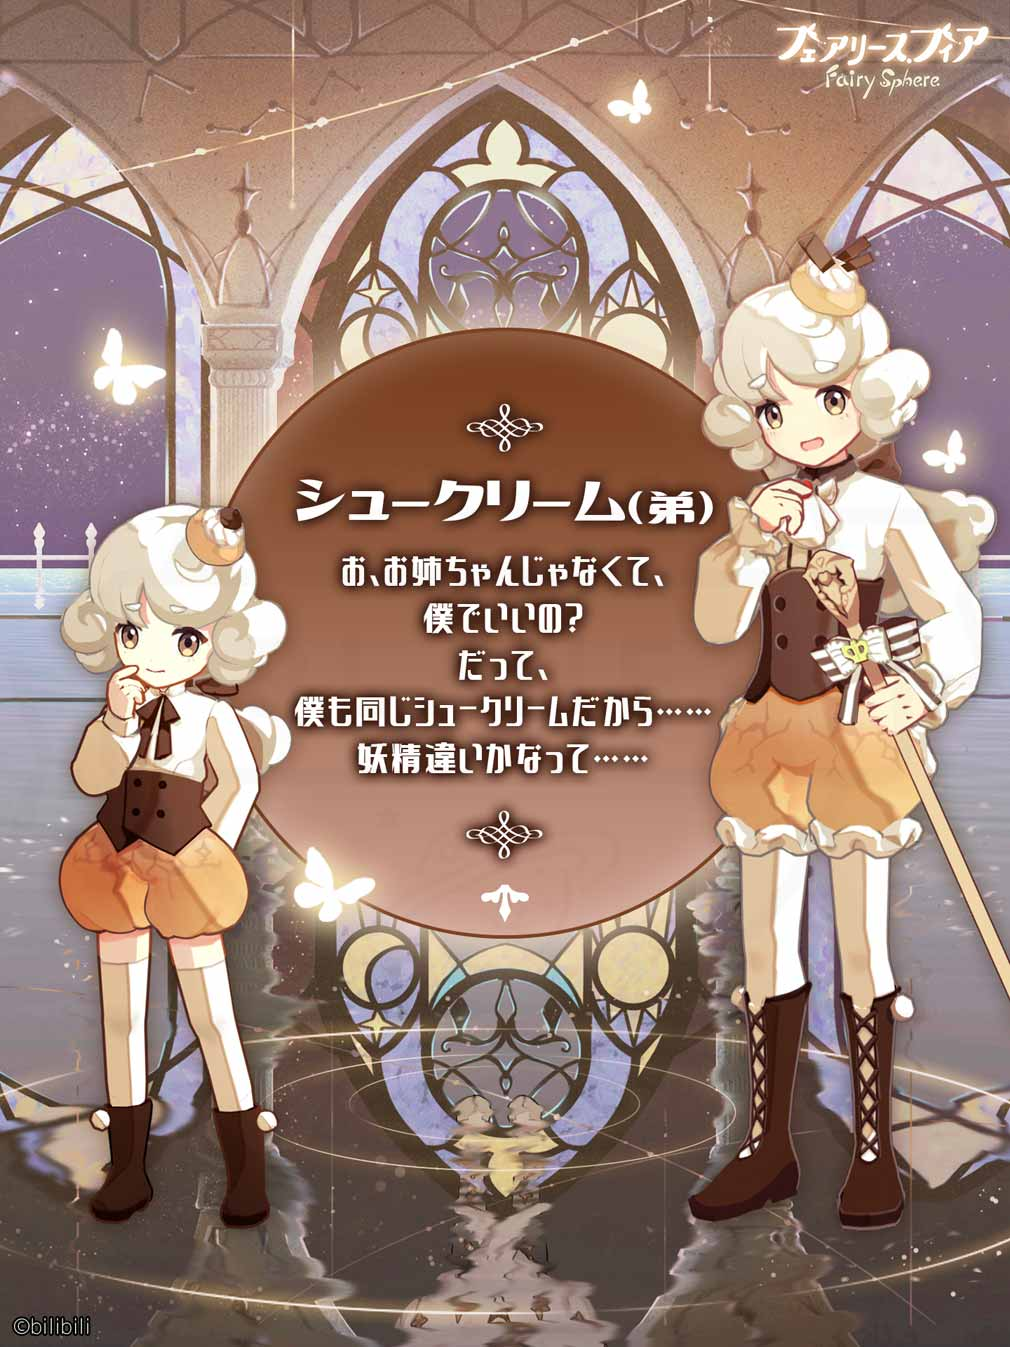 フェアリースフィア(フェアリス) 妖精キャラクター『シュークリーム(弟)』紹介イメージ